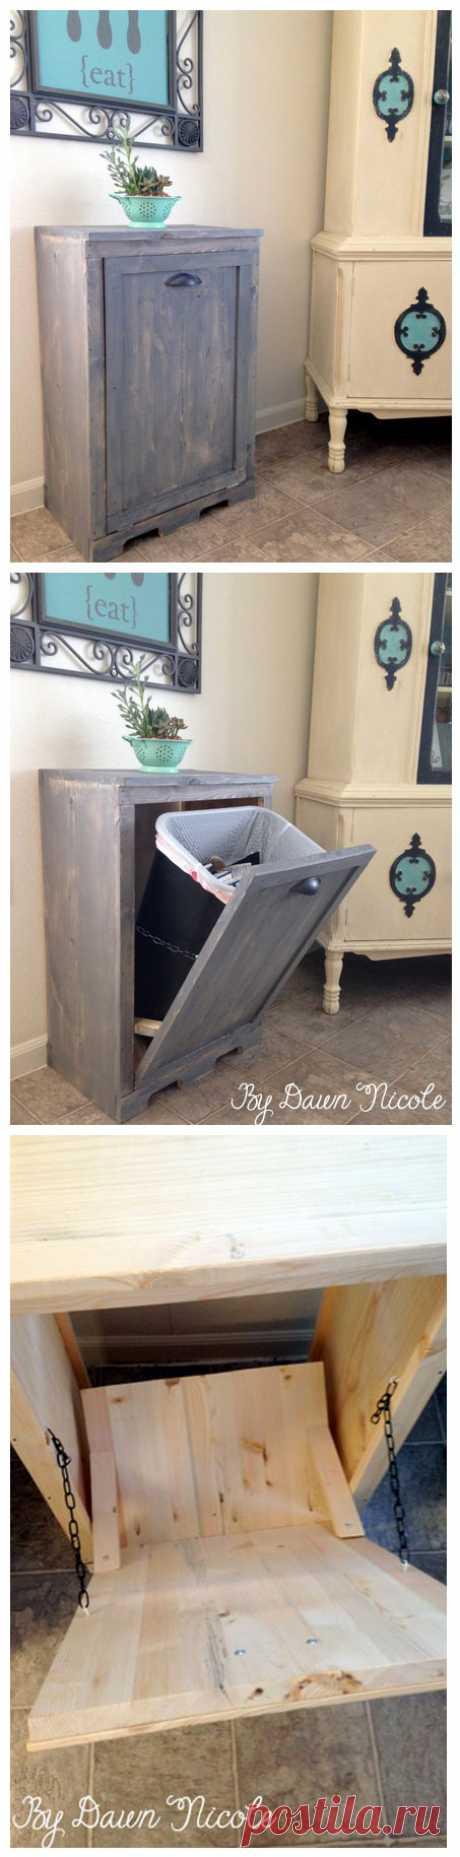 Наверное многие хотели бы дома, да прям на кухне, иметь большой мусорный бак, чтобы не таскать к входной двери кучу пакетов, а потом выбрасывать их охапкой. Но смущает, пожалуй, одно - как вот, на кухне вот так взять и поставить мусорный бак? Вы знаете, способ есть и очень даже приличный.